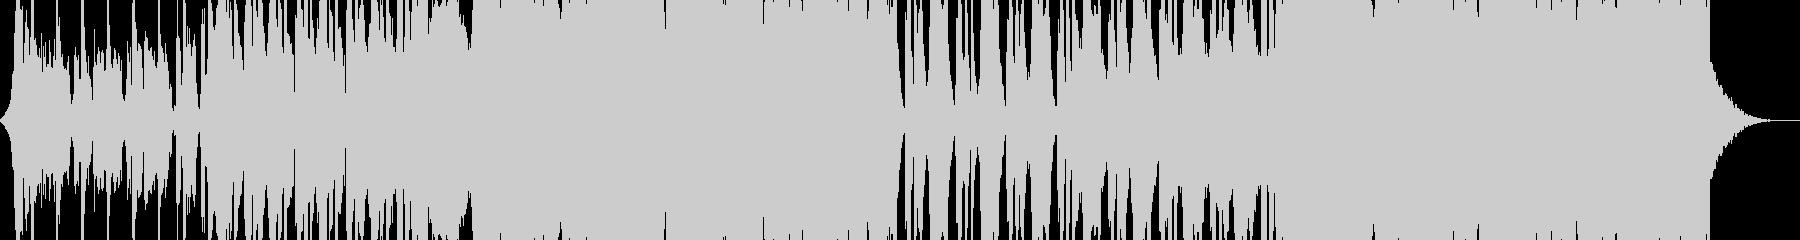 パワーポップロックの背景の未再生の波形